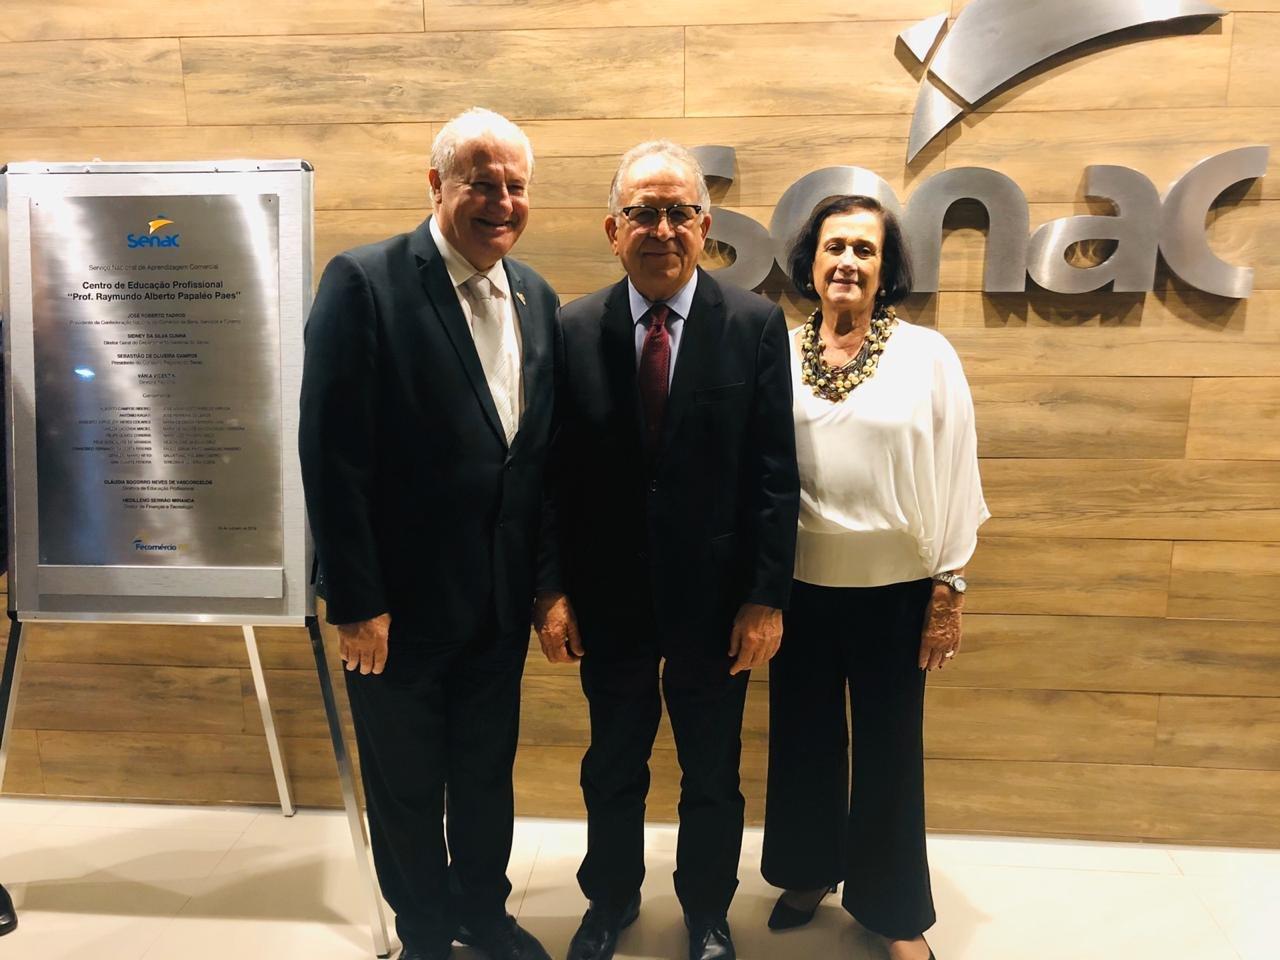 Senac inaugura em Belém novo centro de educação com foco em tecnologia, moda e inovação